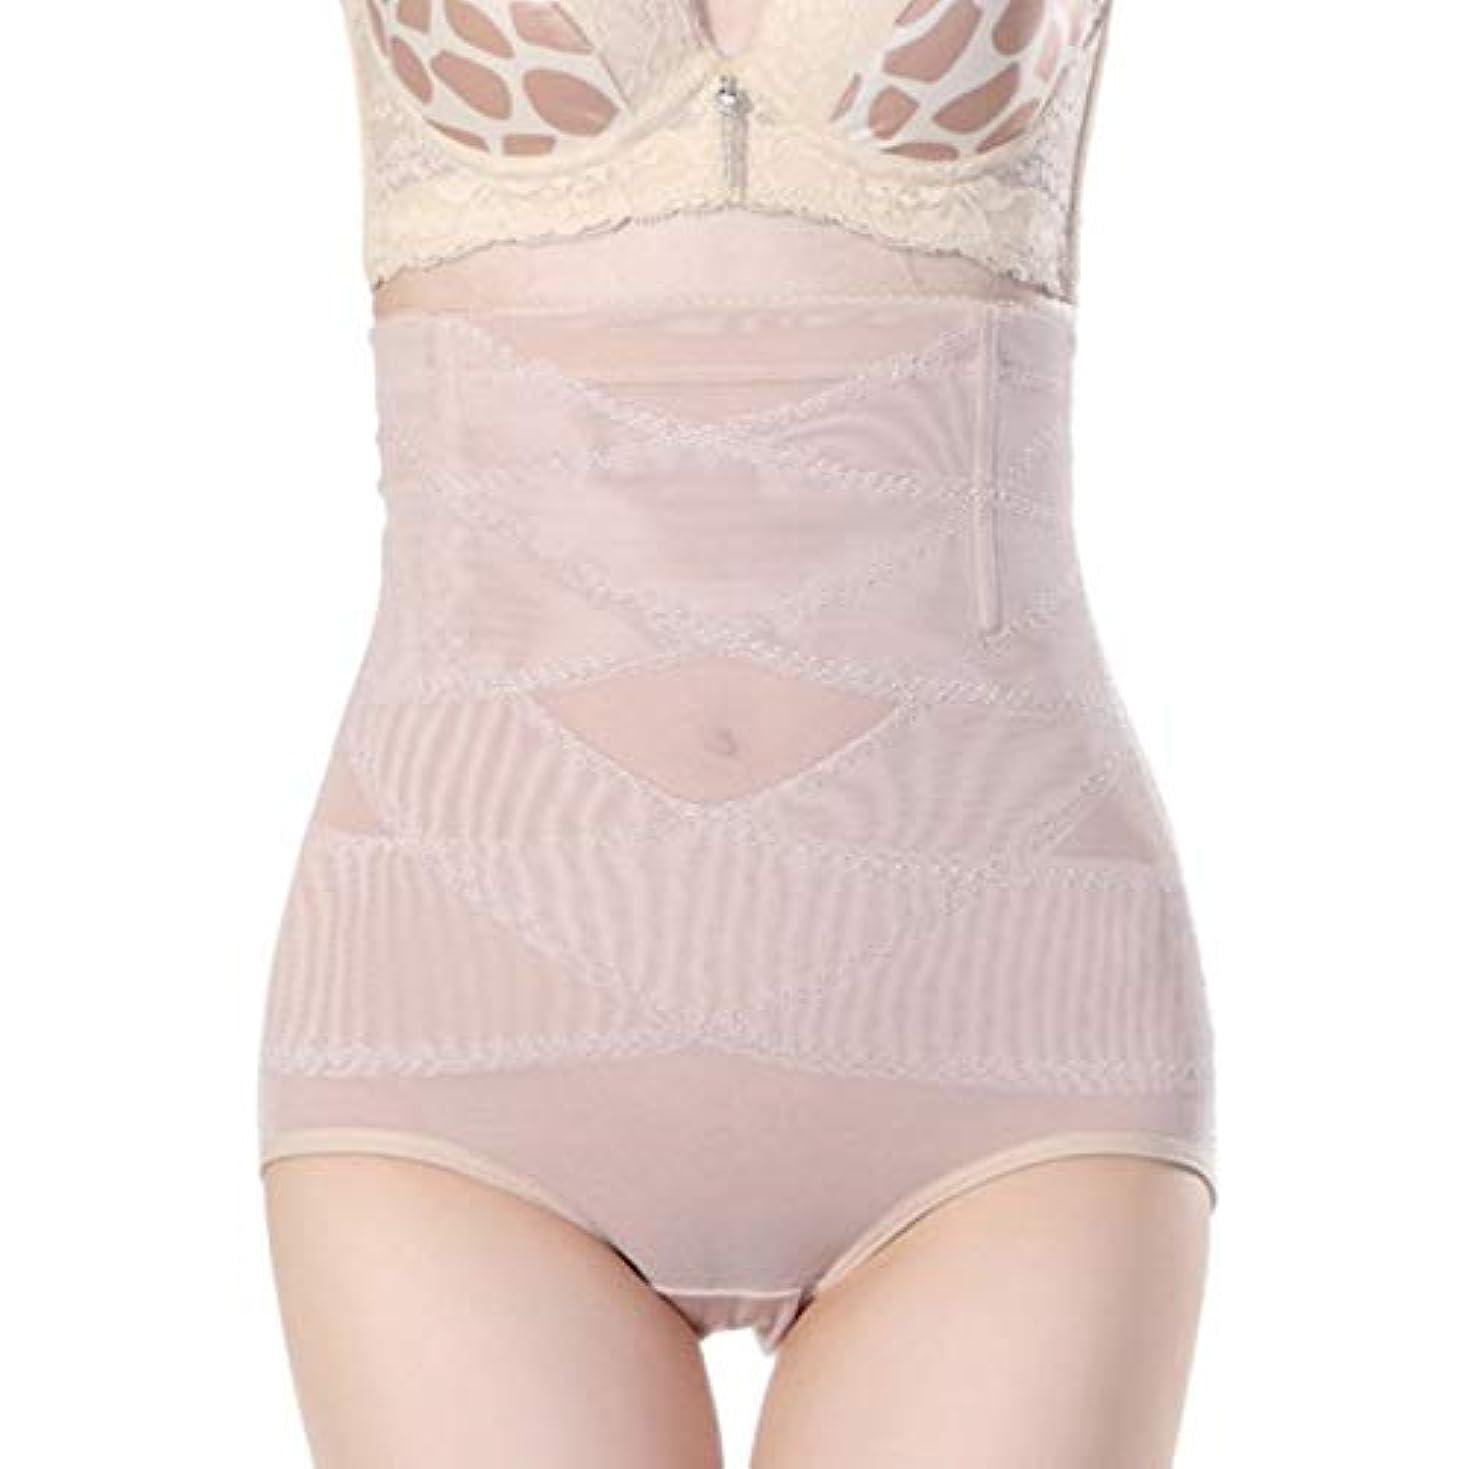 スリップエスカレート重なる腹部制御下着シームレスおなかコントロールパンティーバットリフターボディシェイパーを痩身通気性のハイウエストの女性 - 肌色M